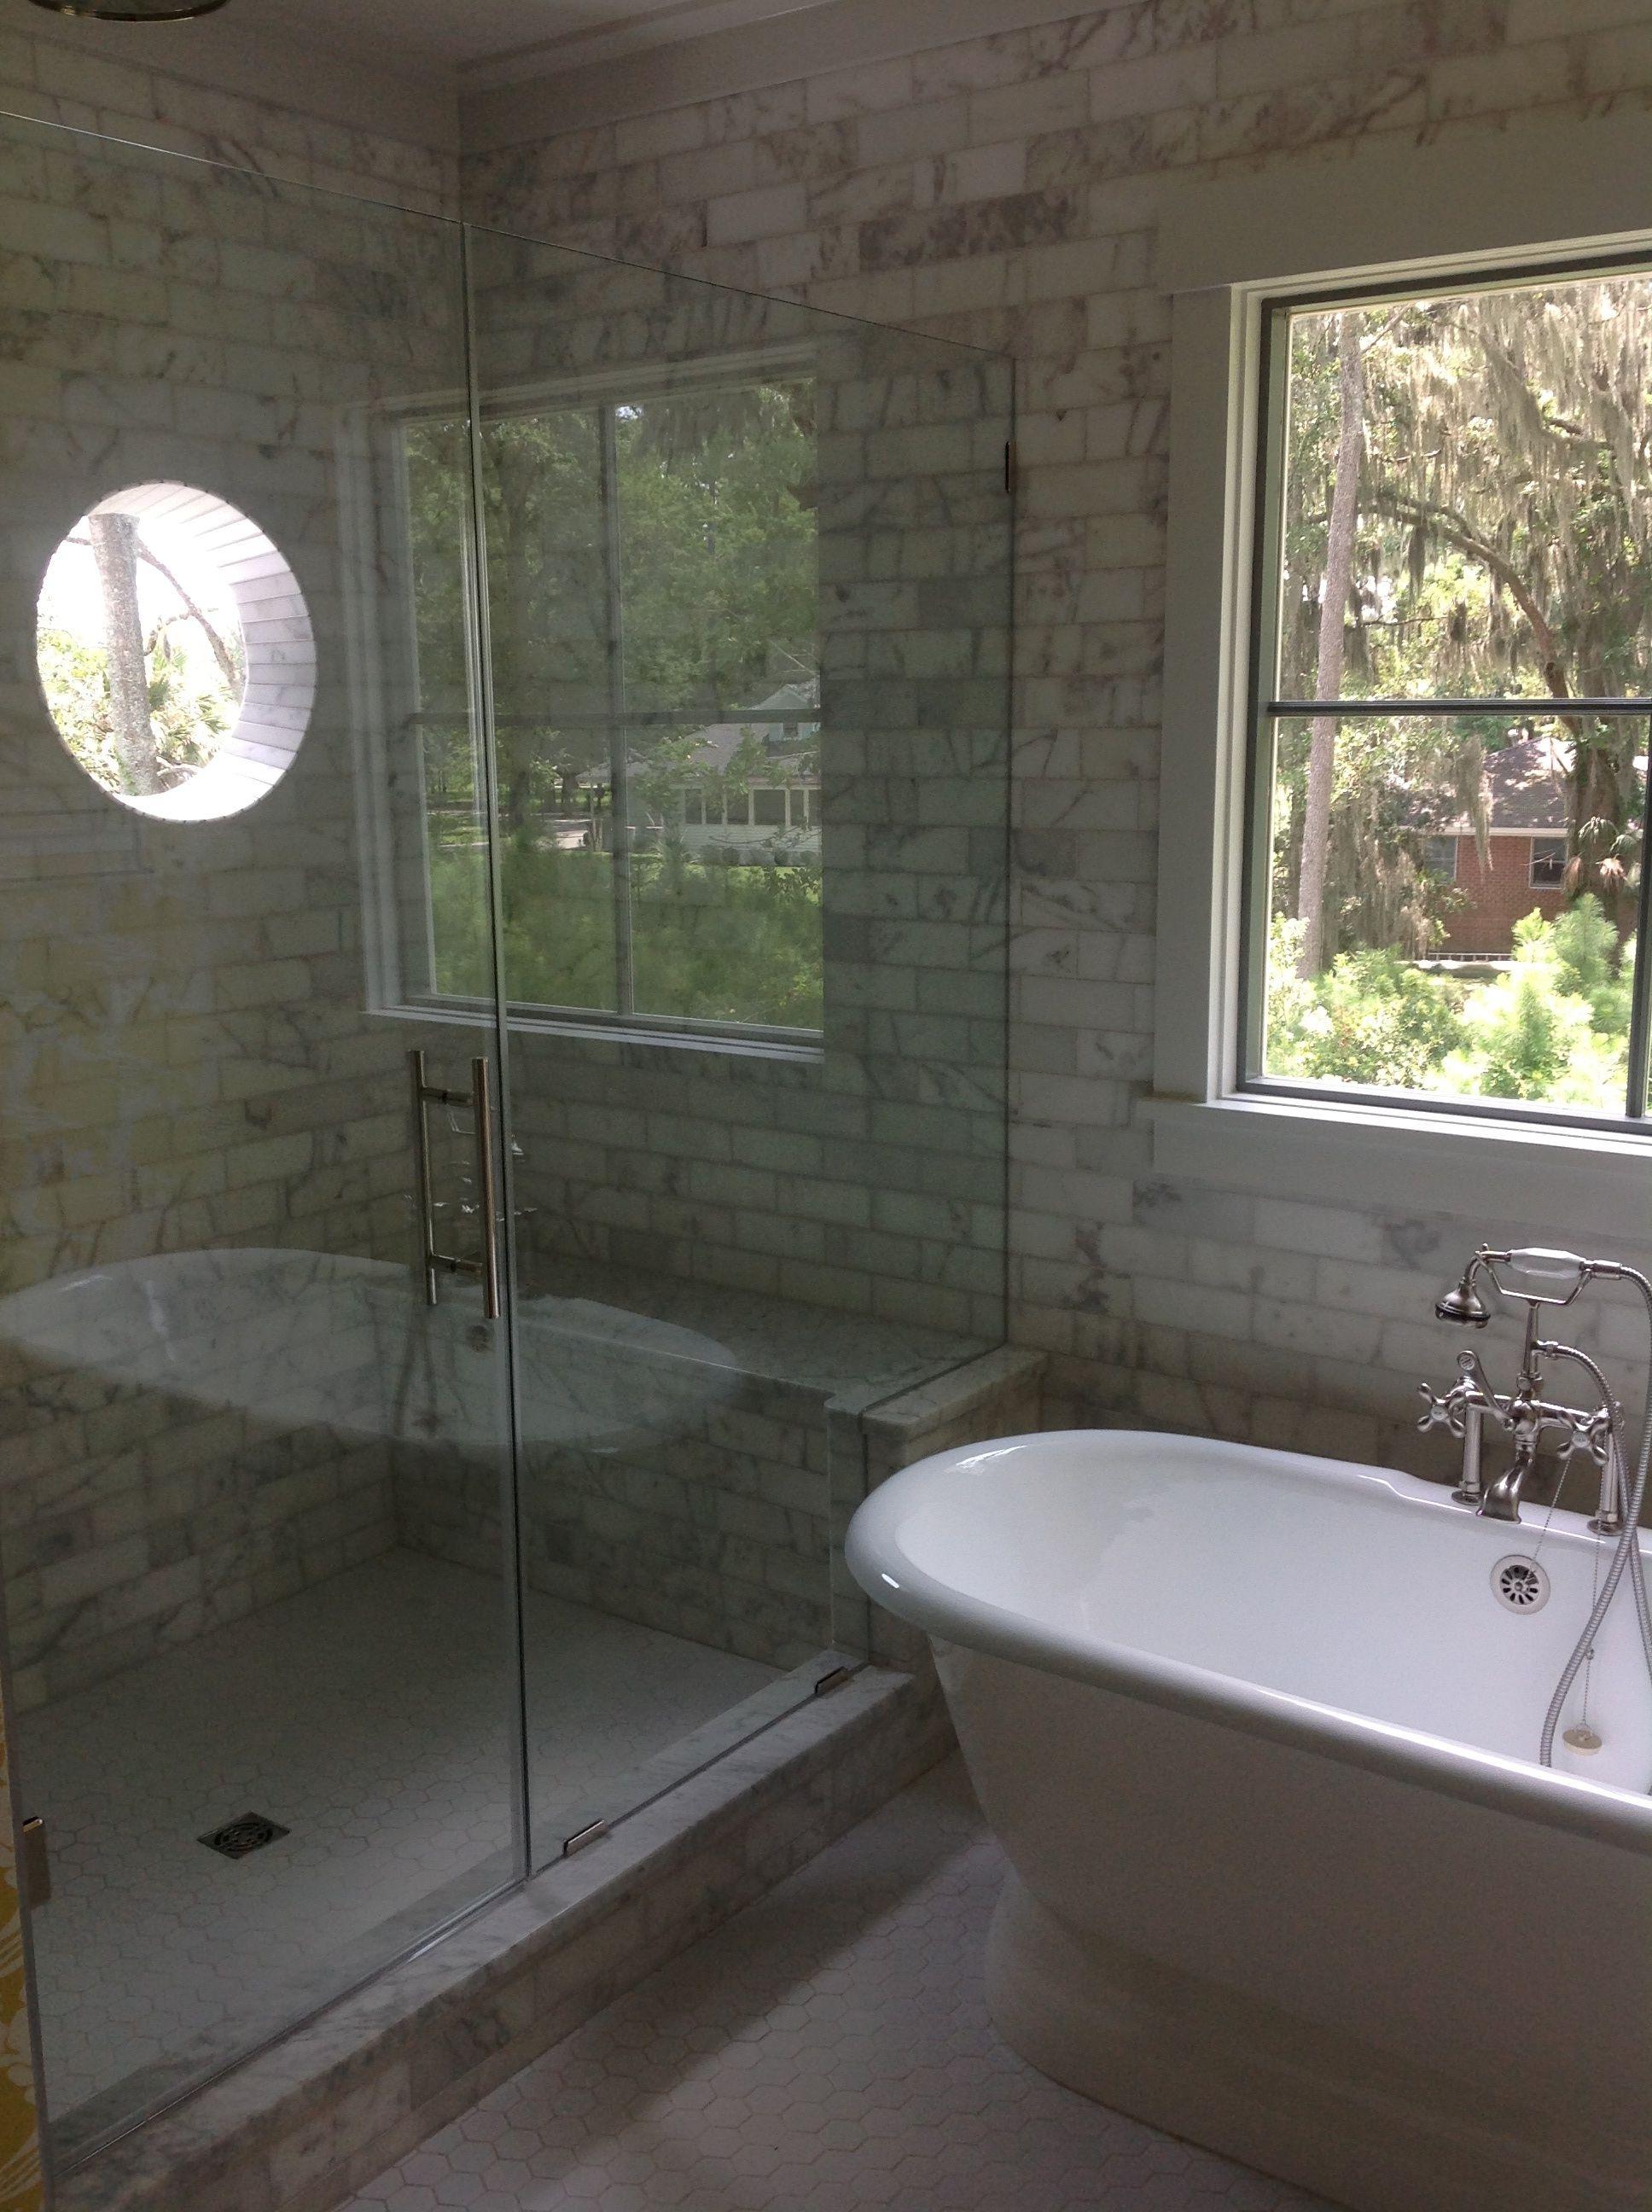 master bathroom small window in shower  window in